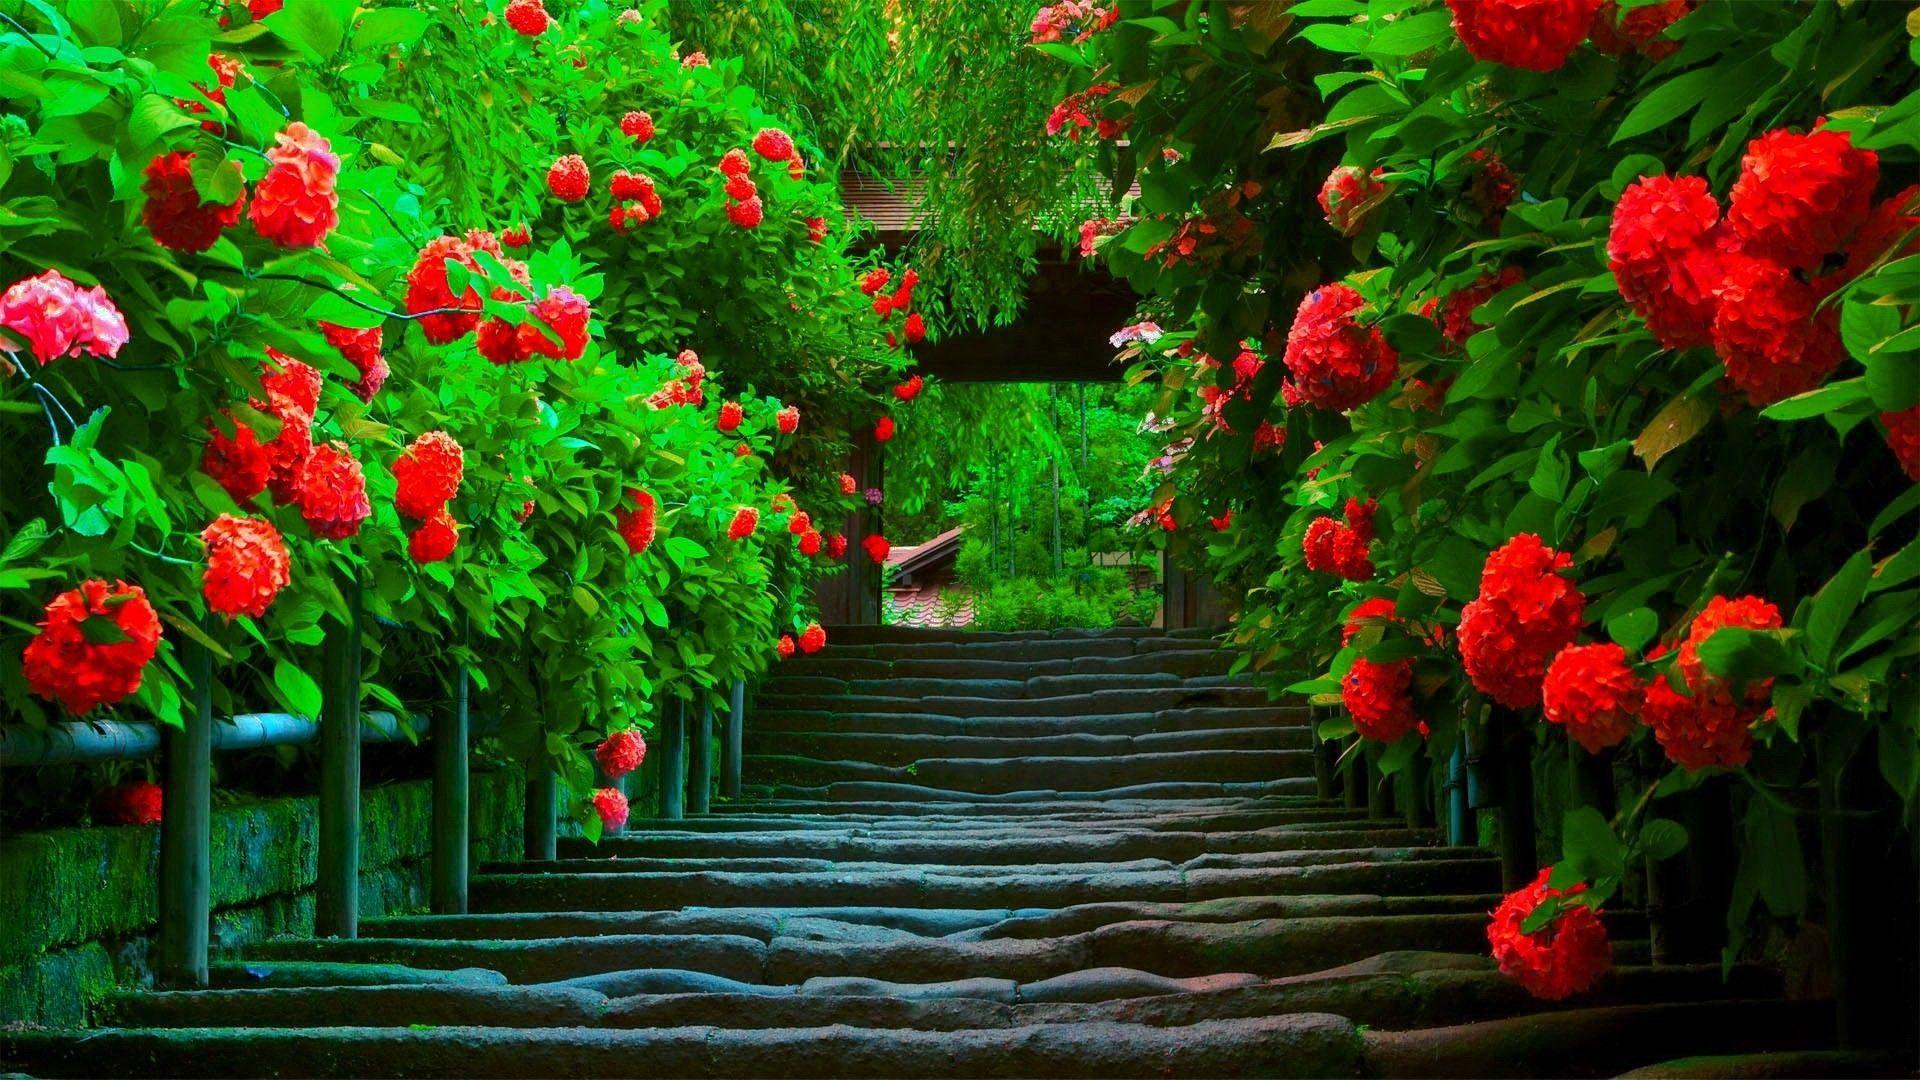 Beautiful Nature Love Wallpapers Wallpaper Cave